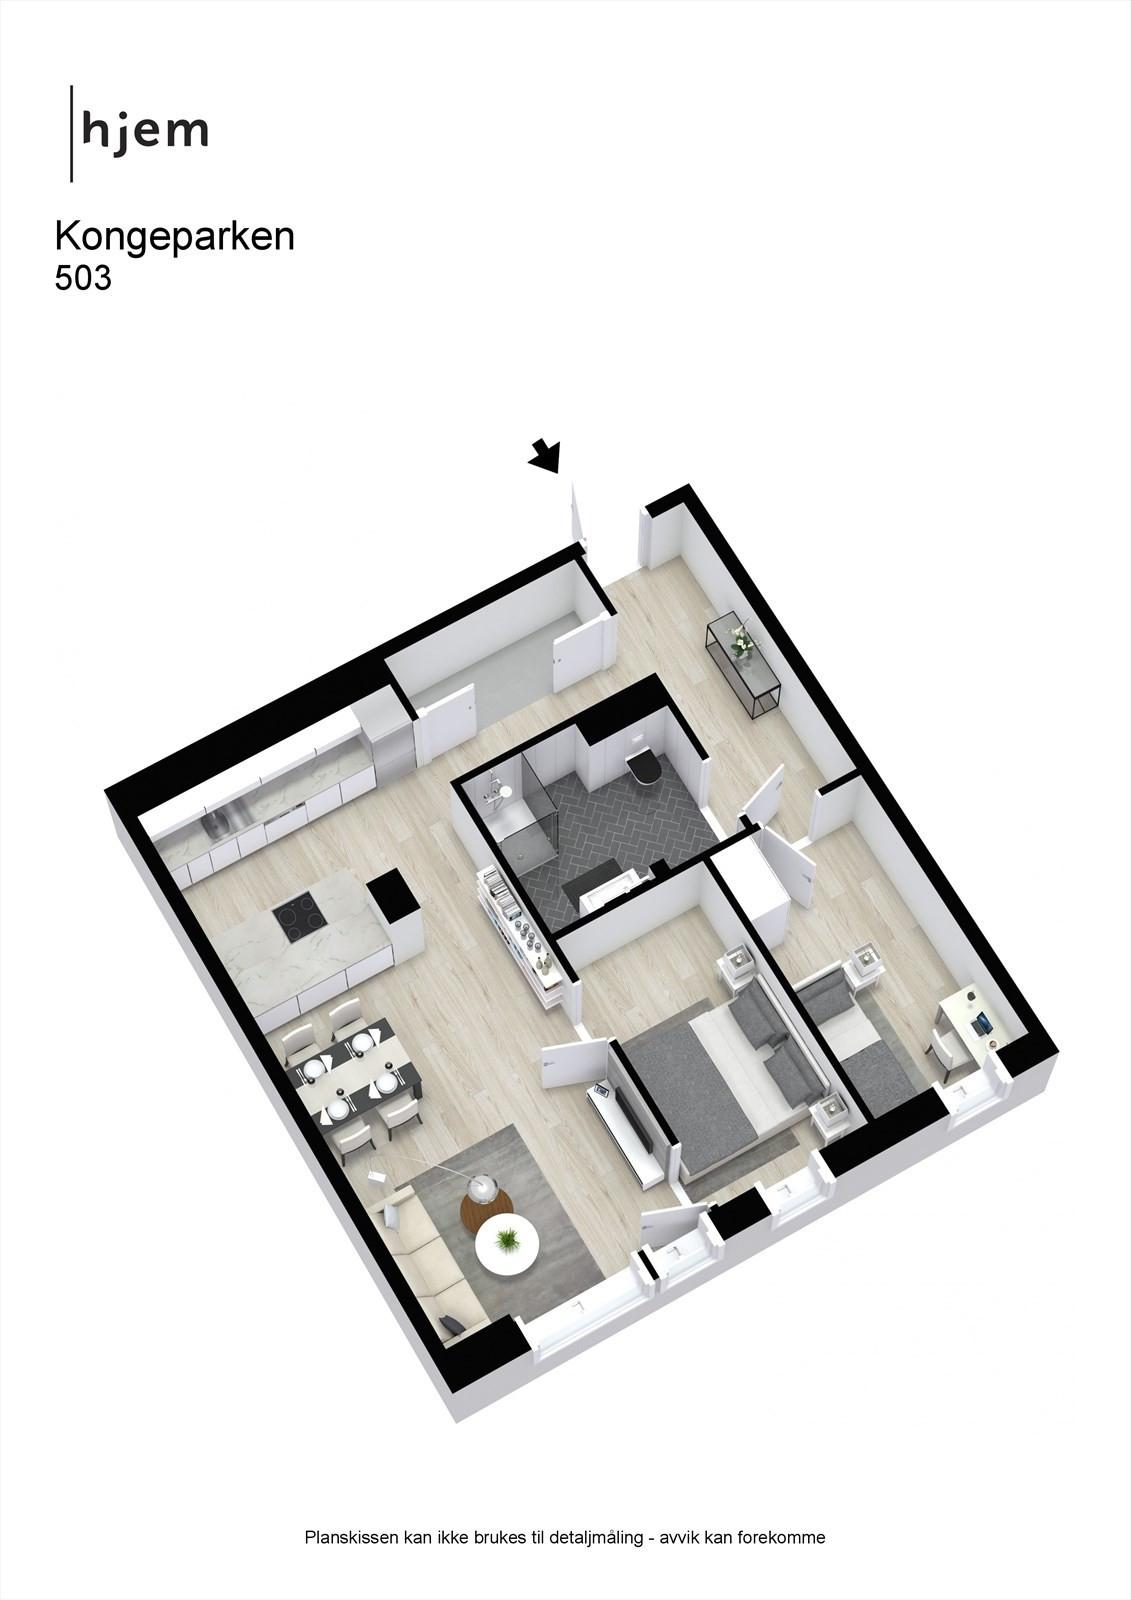 Kongeparken - 503 - Visuelt innredet plantegning